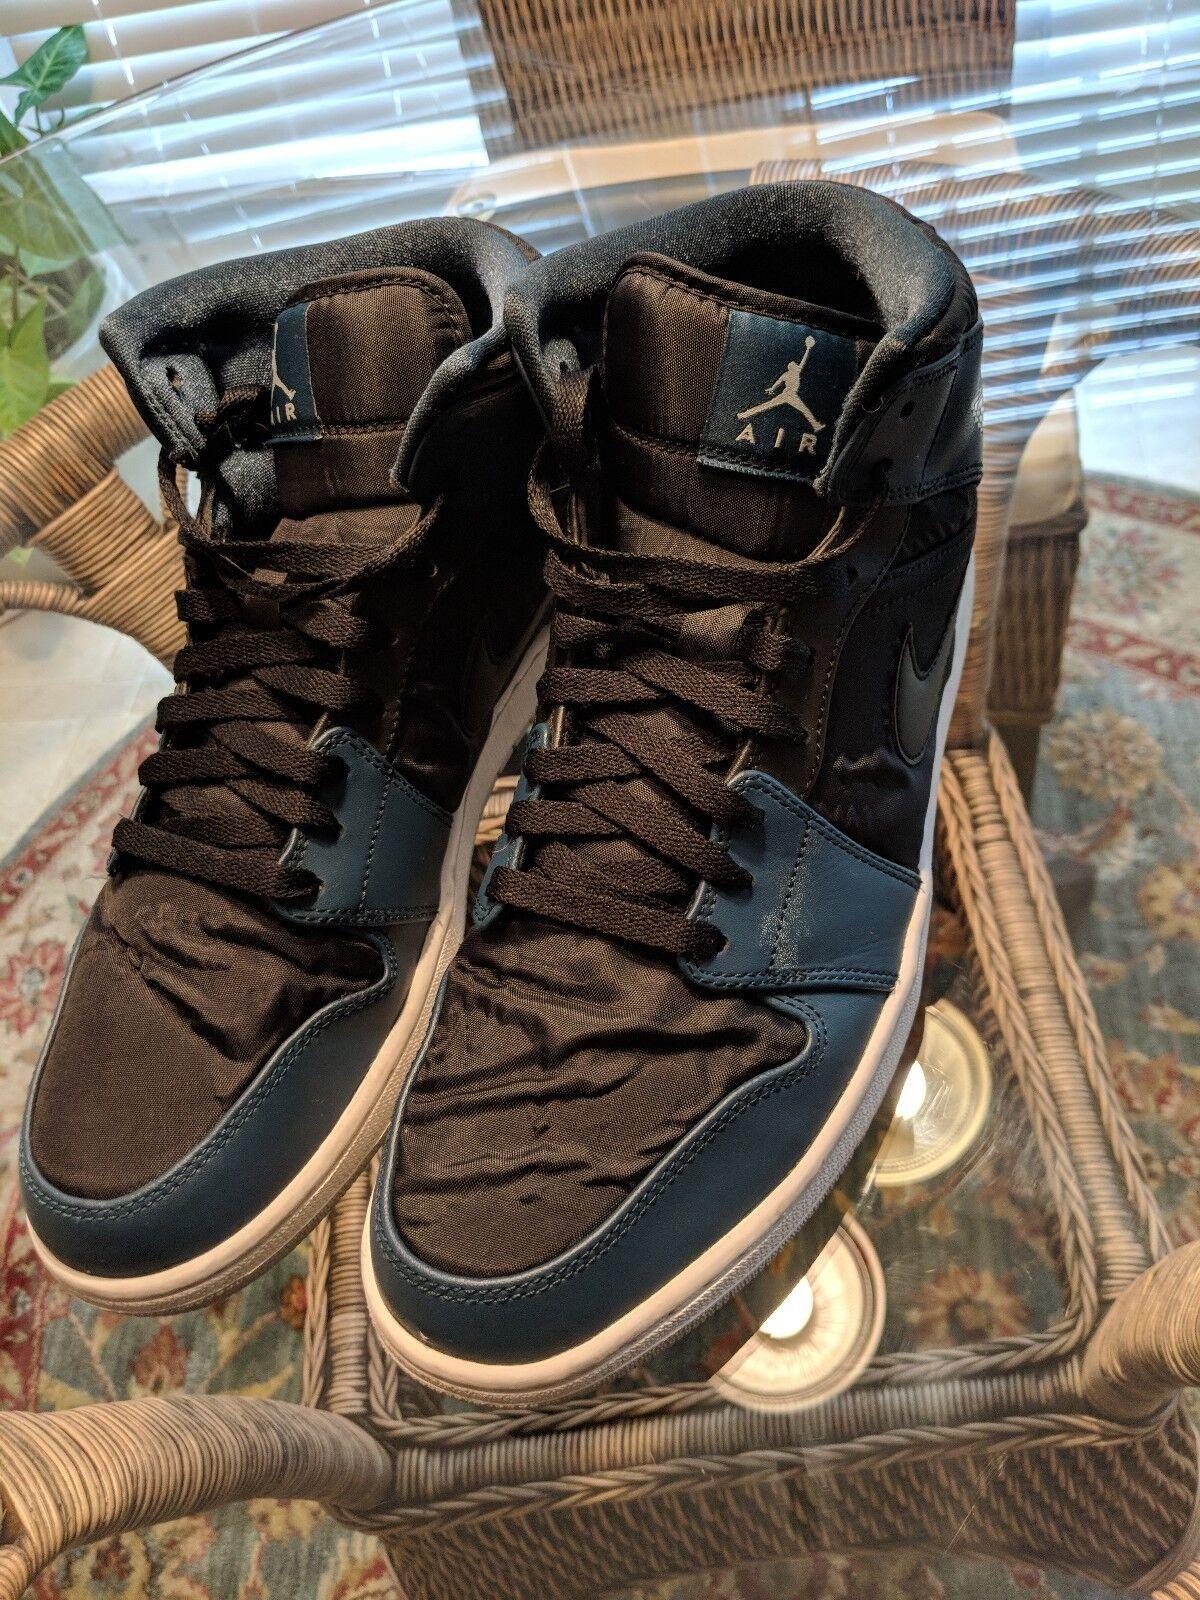 Nike Air Jordan Retro 1  Cheap and fashionable